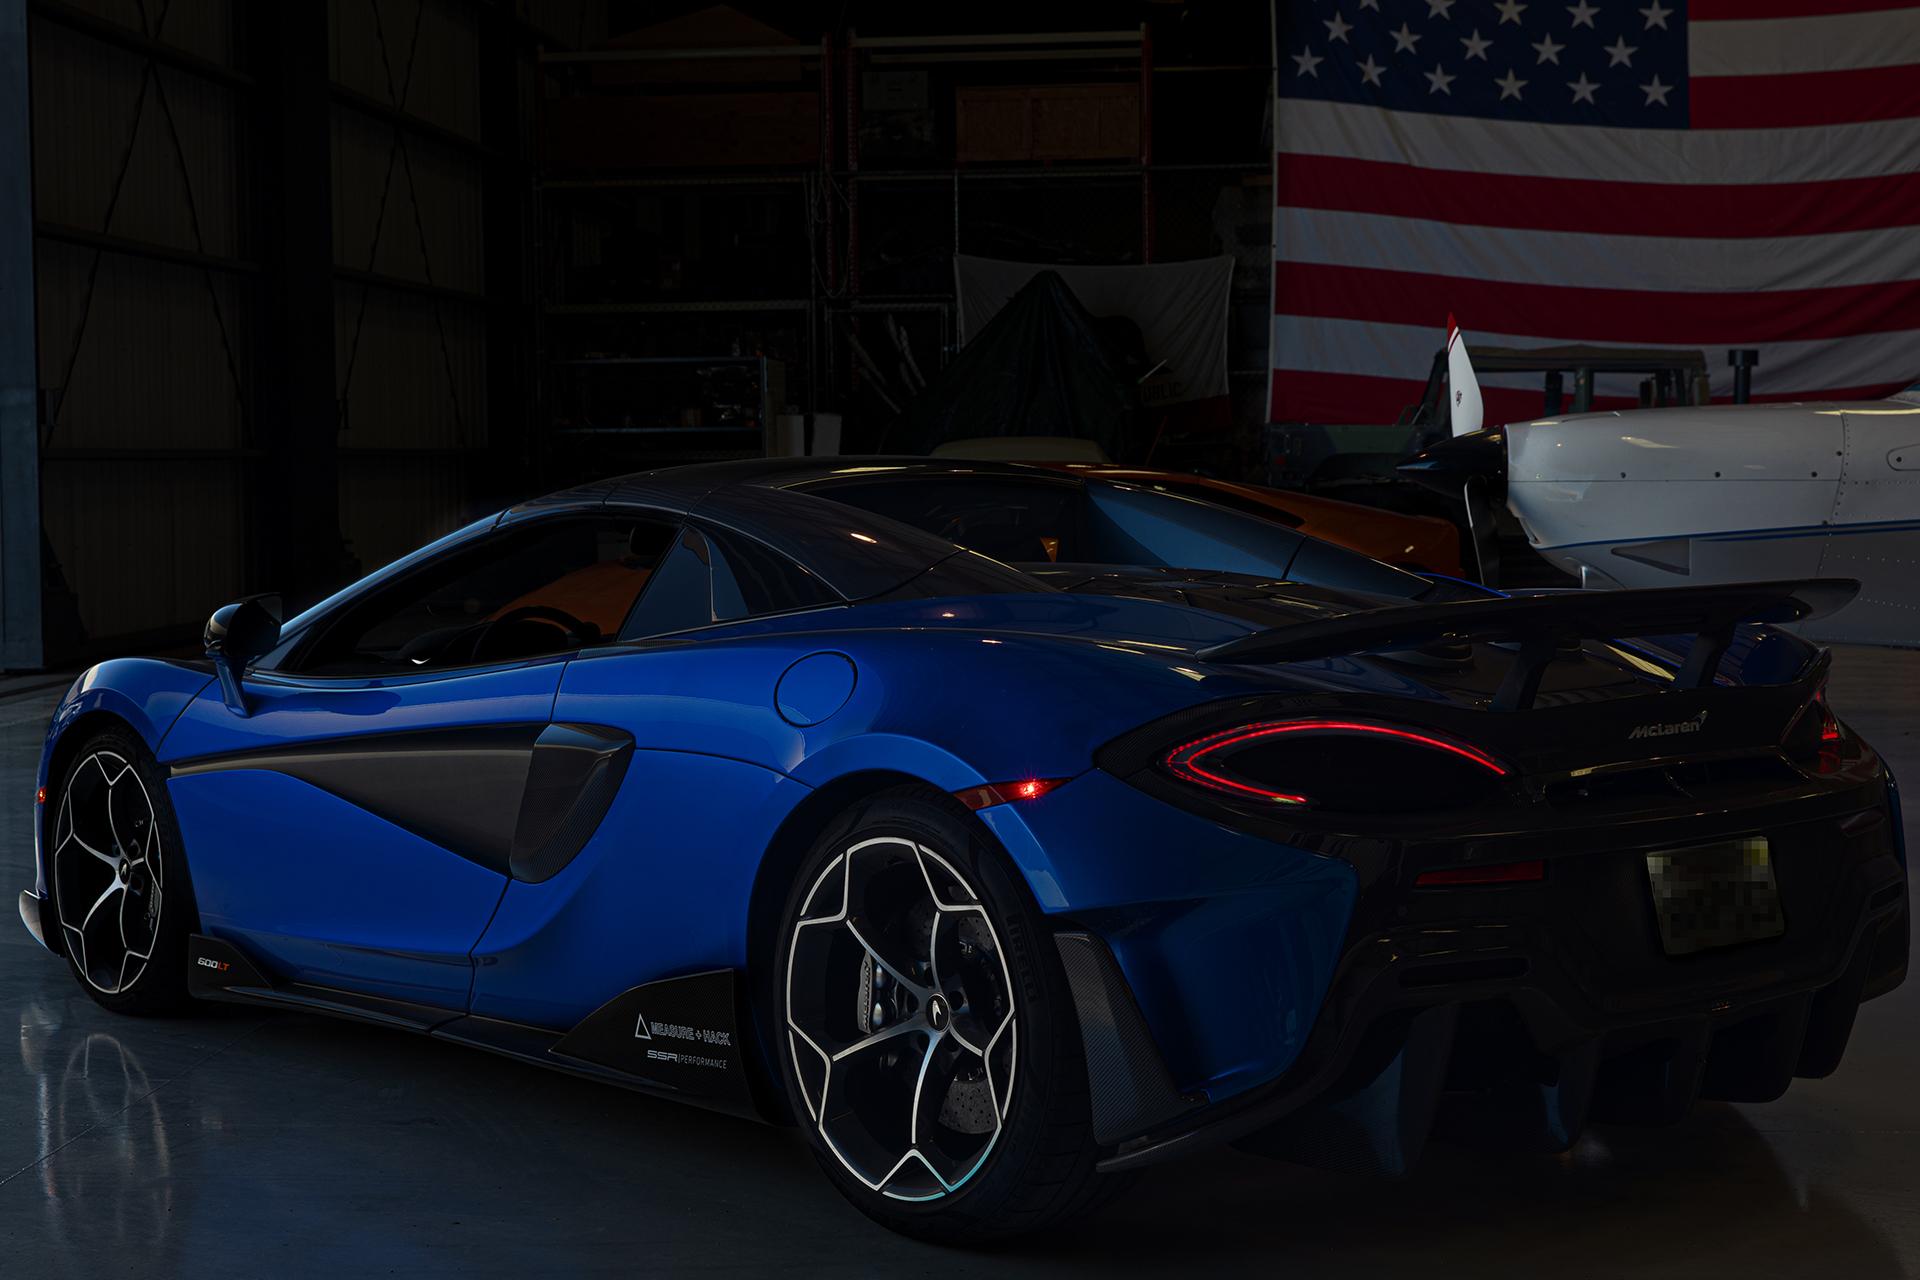 Photo of a McLaren 600LT Spider